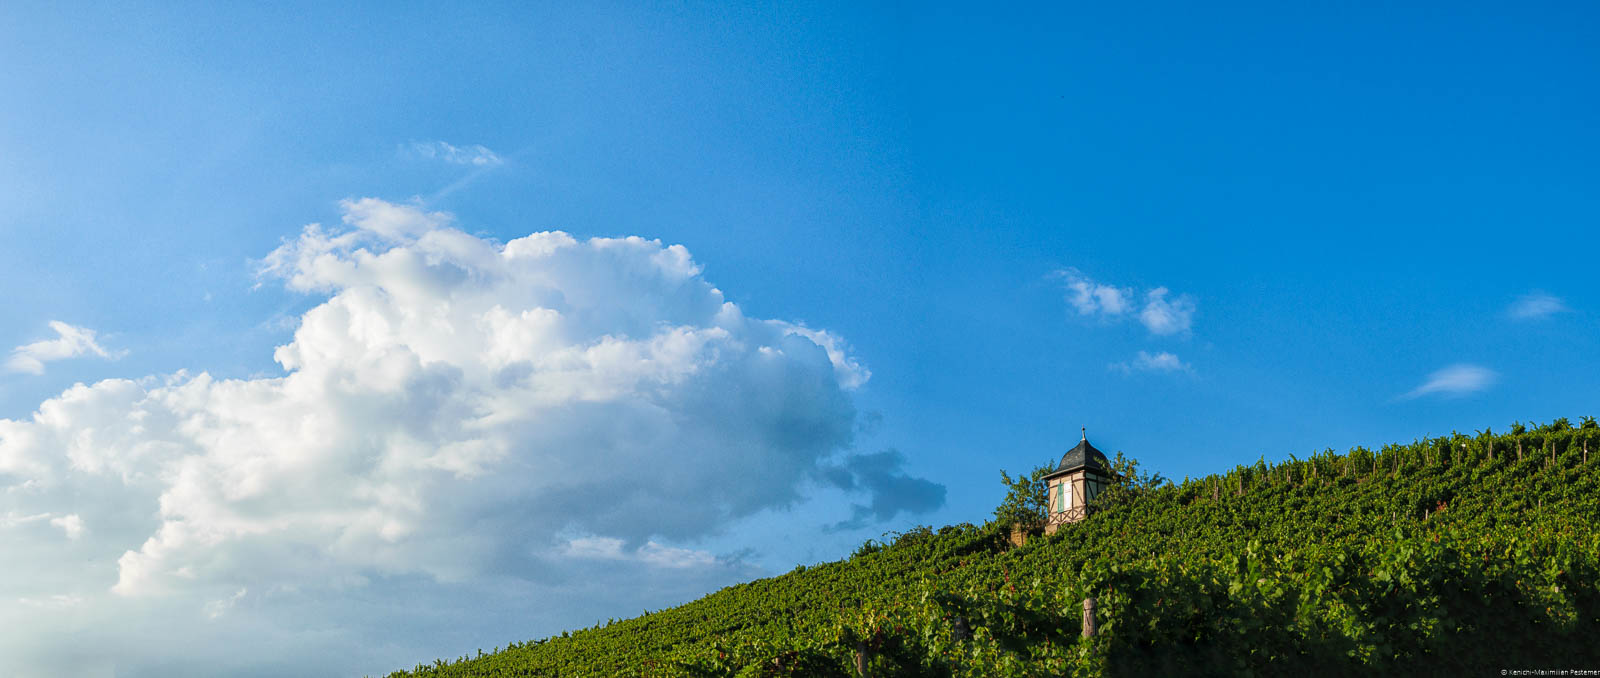 Im Weinberg Veldenzer Carlsberg befindet sich ein kleines Häuschen. Am blauen Himmel befindet sich eine große Wolke.